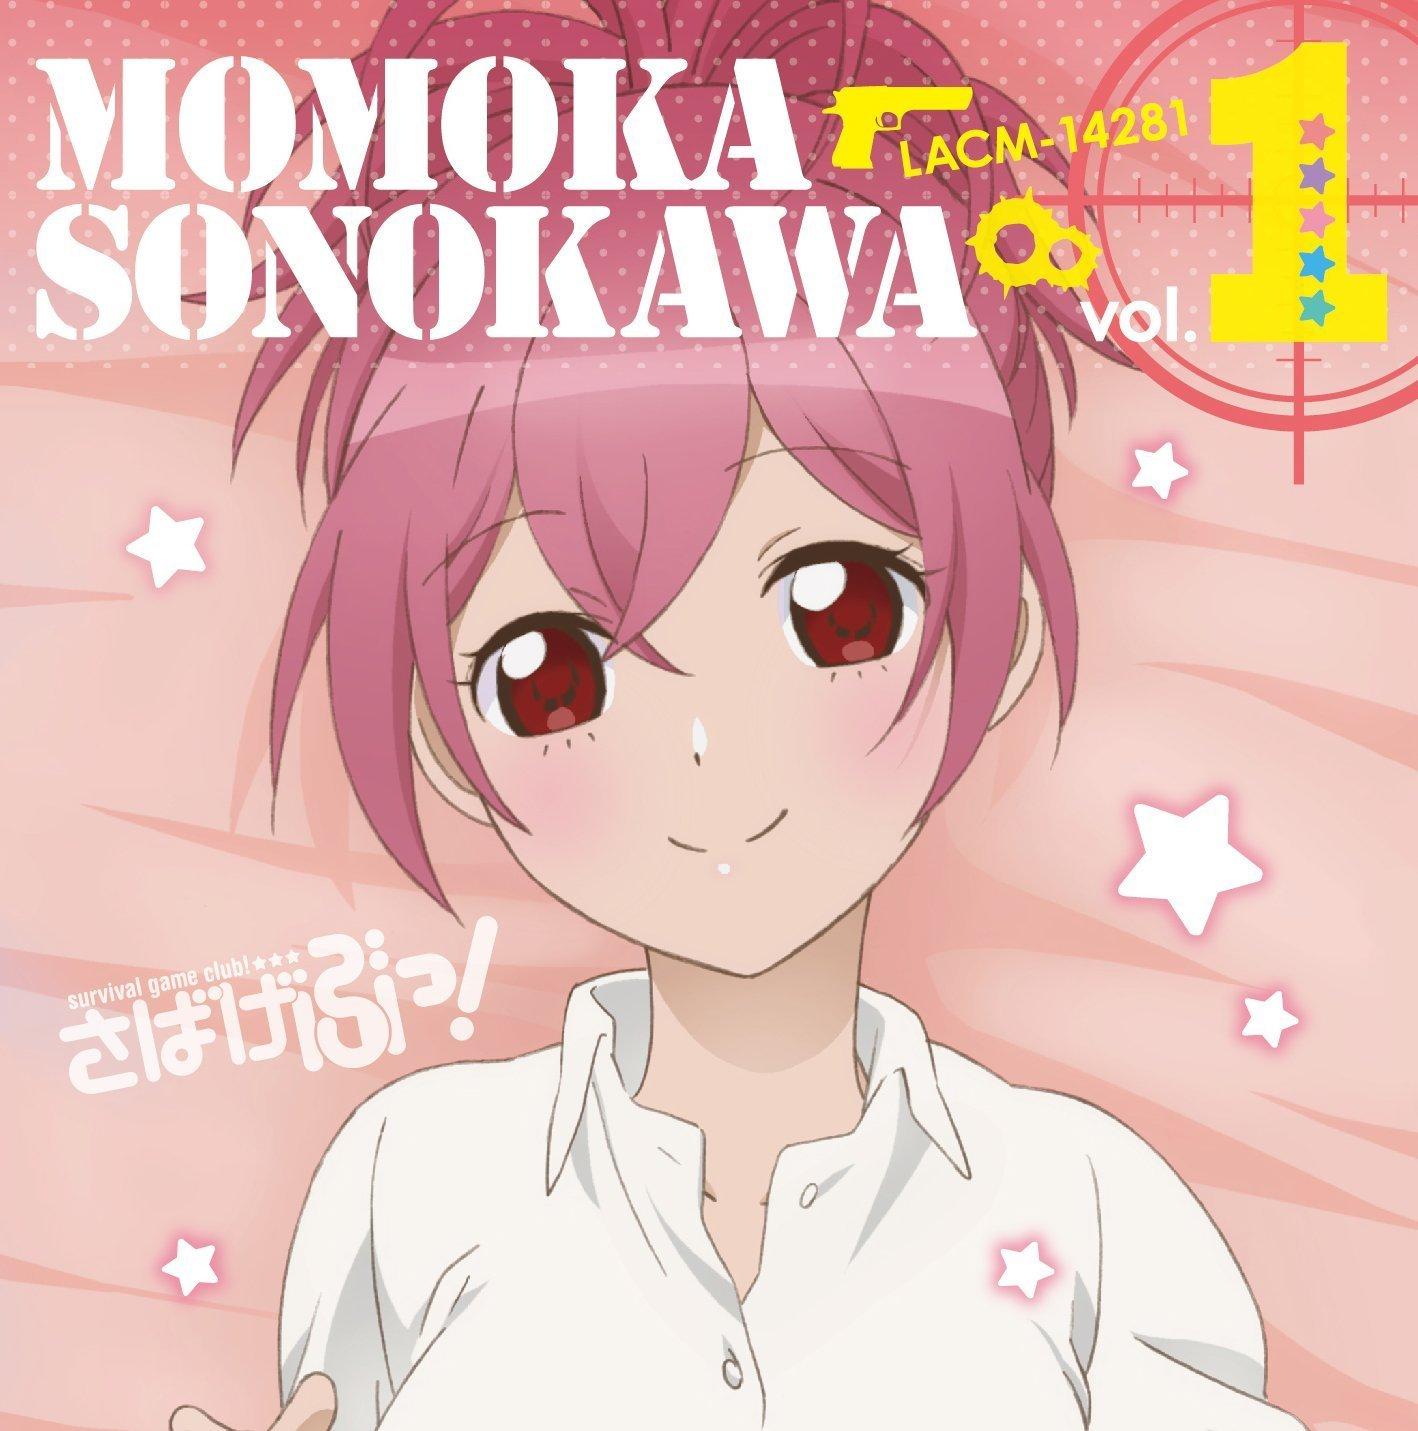 Sonokawa